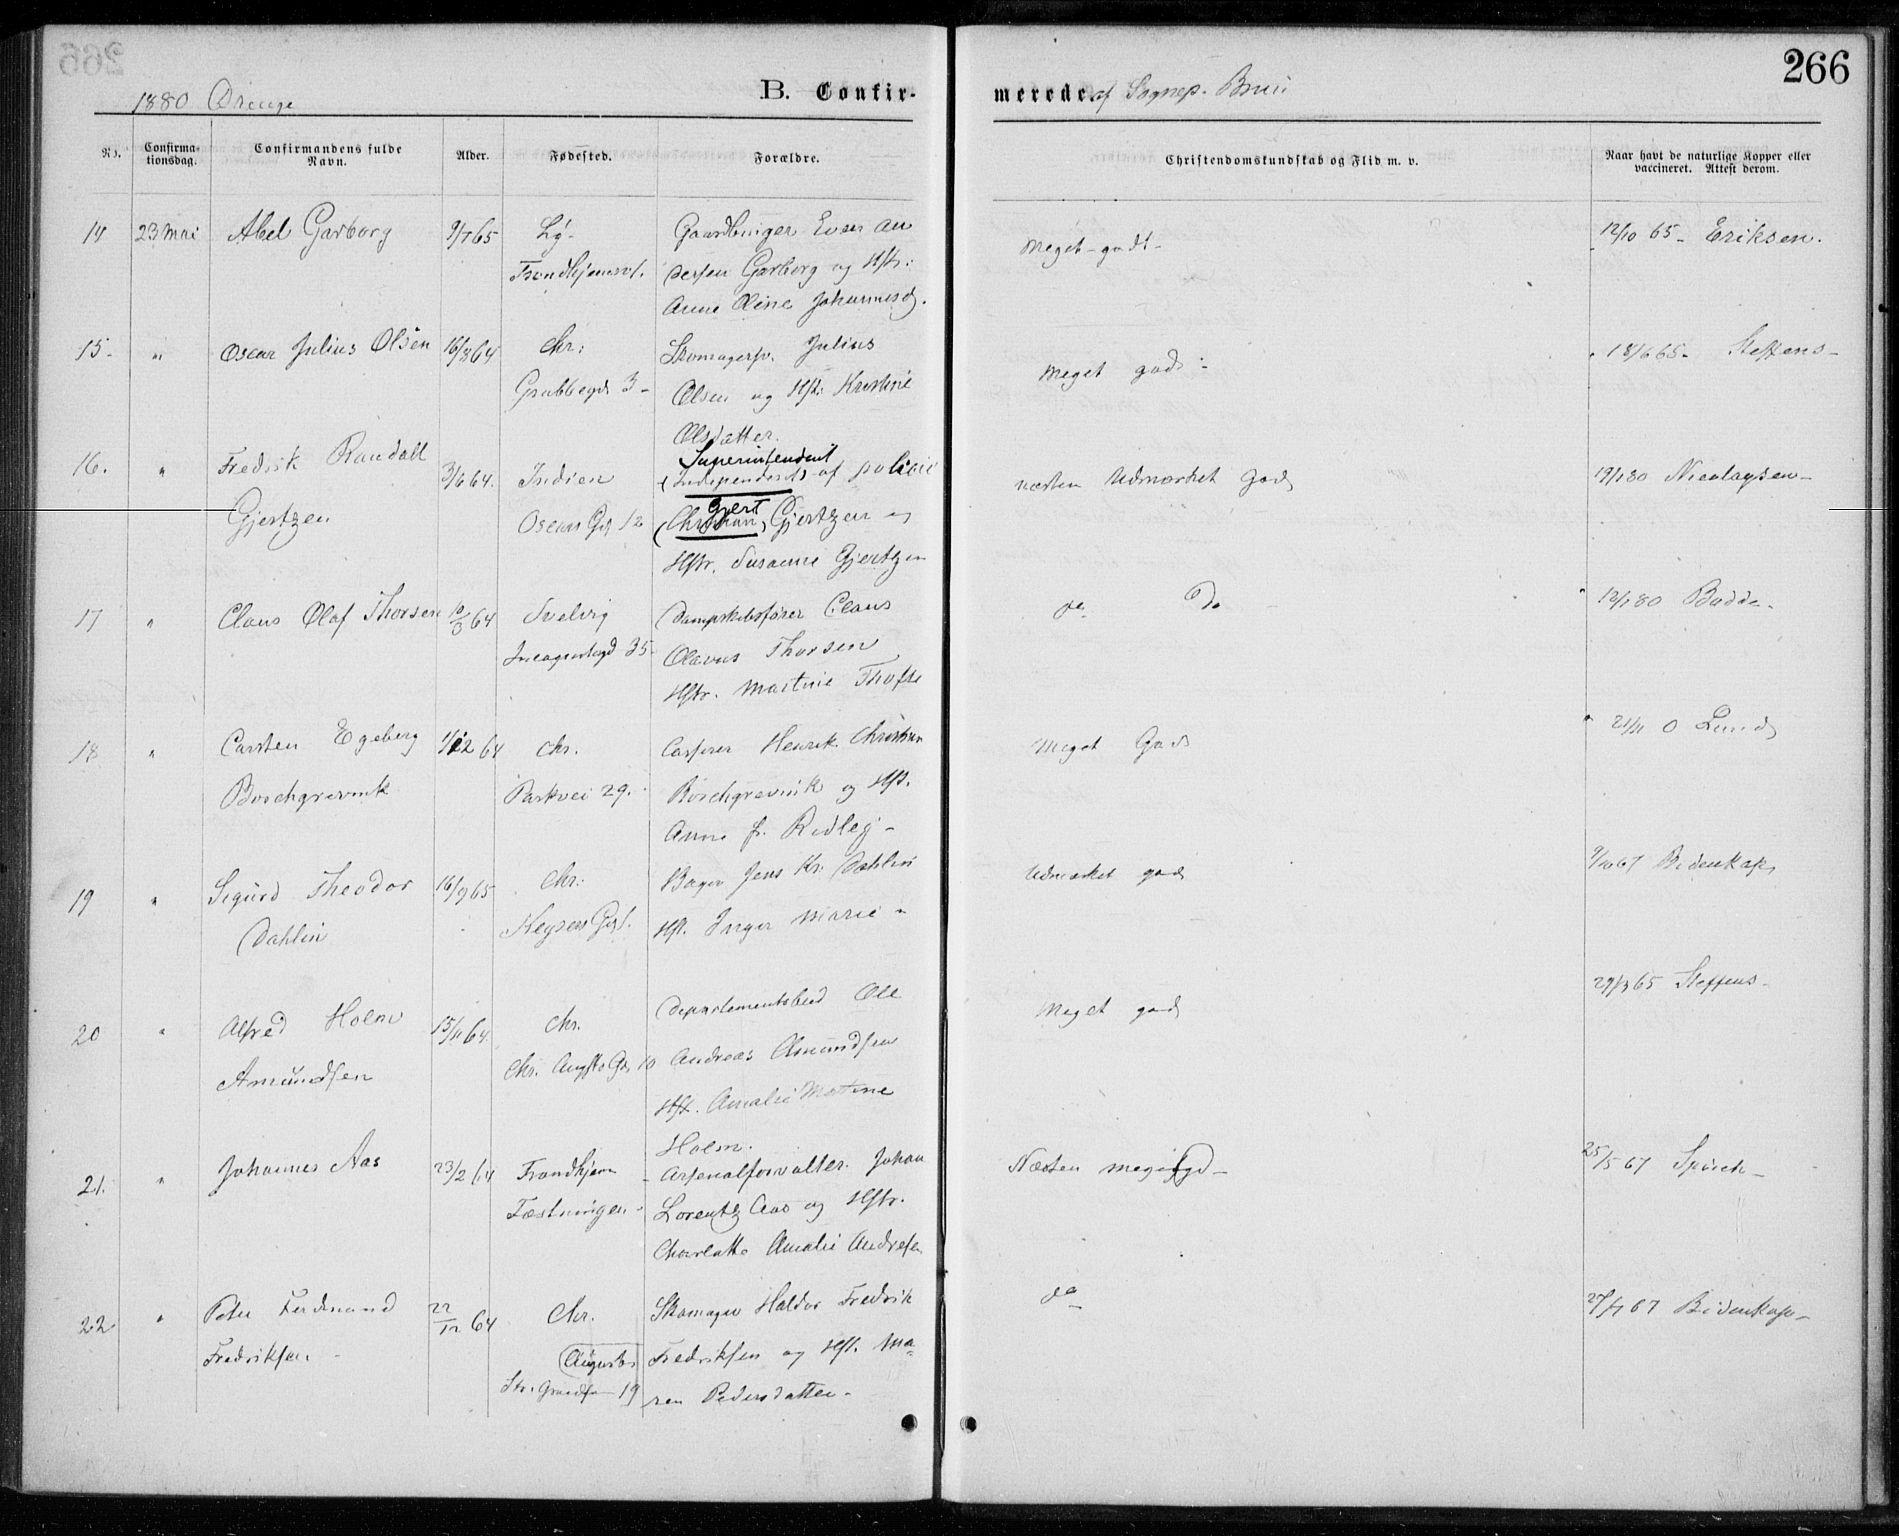 SAO, Trefoldighet prestekontor Kirkebøker, F/Fb/L0002: Ministerialbok nr. II 2, 1871-1880, s. 266